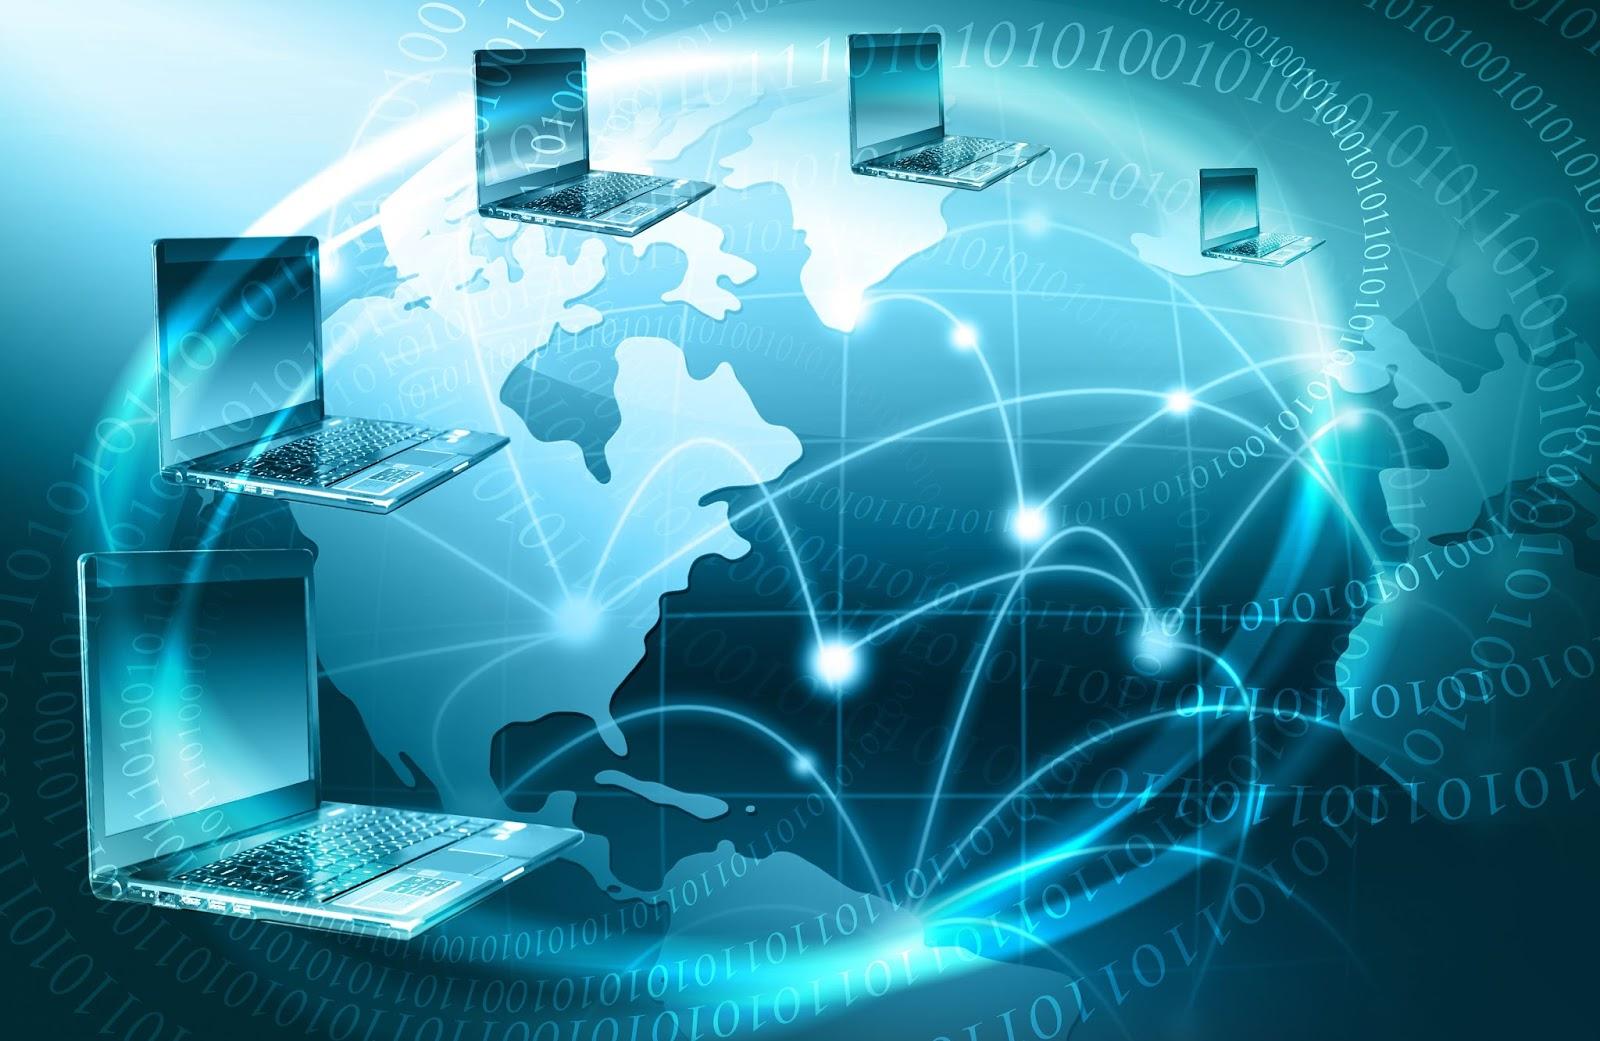 Quang Cisco | Tài liệu miễn phí 2017 - Tin tức về CCNA & Mạng máy tính:  Network Basic - Mạng máy tính là gì ?